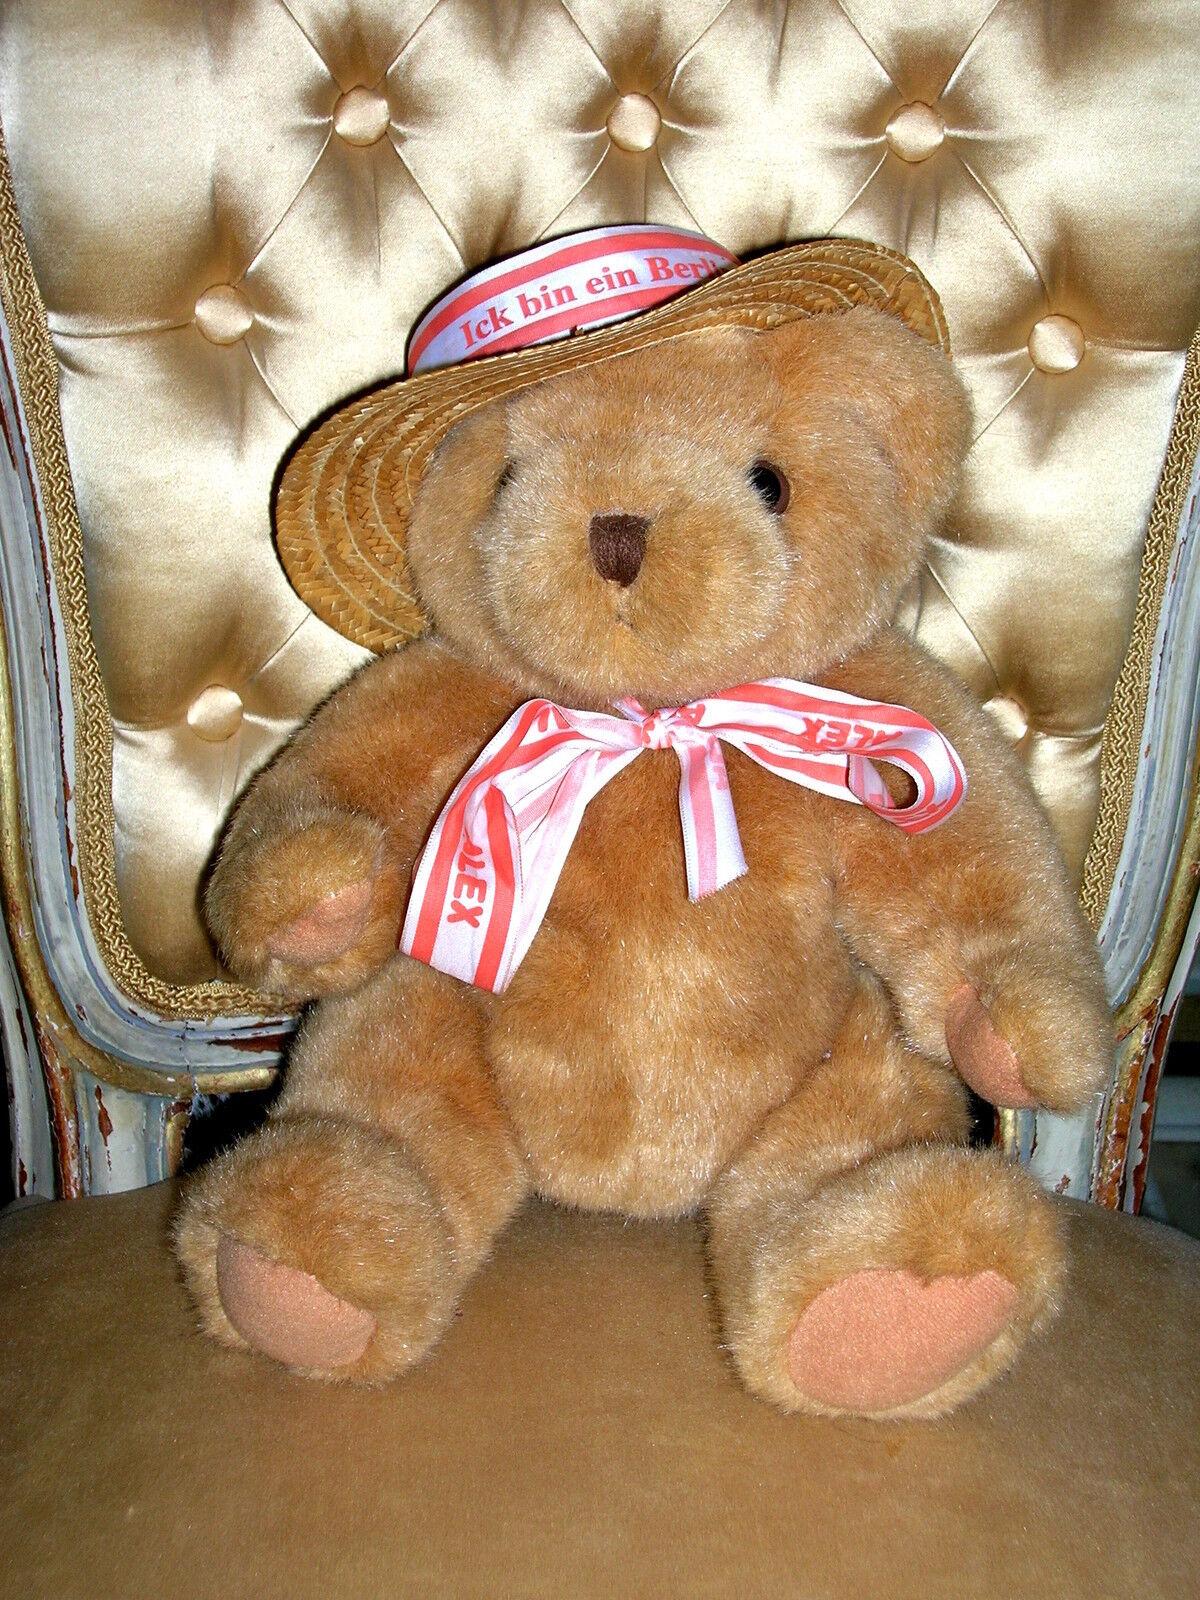 Heruomon Teddy amarti sono un Berliner circa 20 anni anni anni ed457b